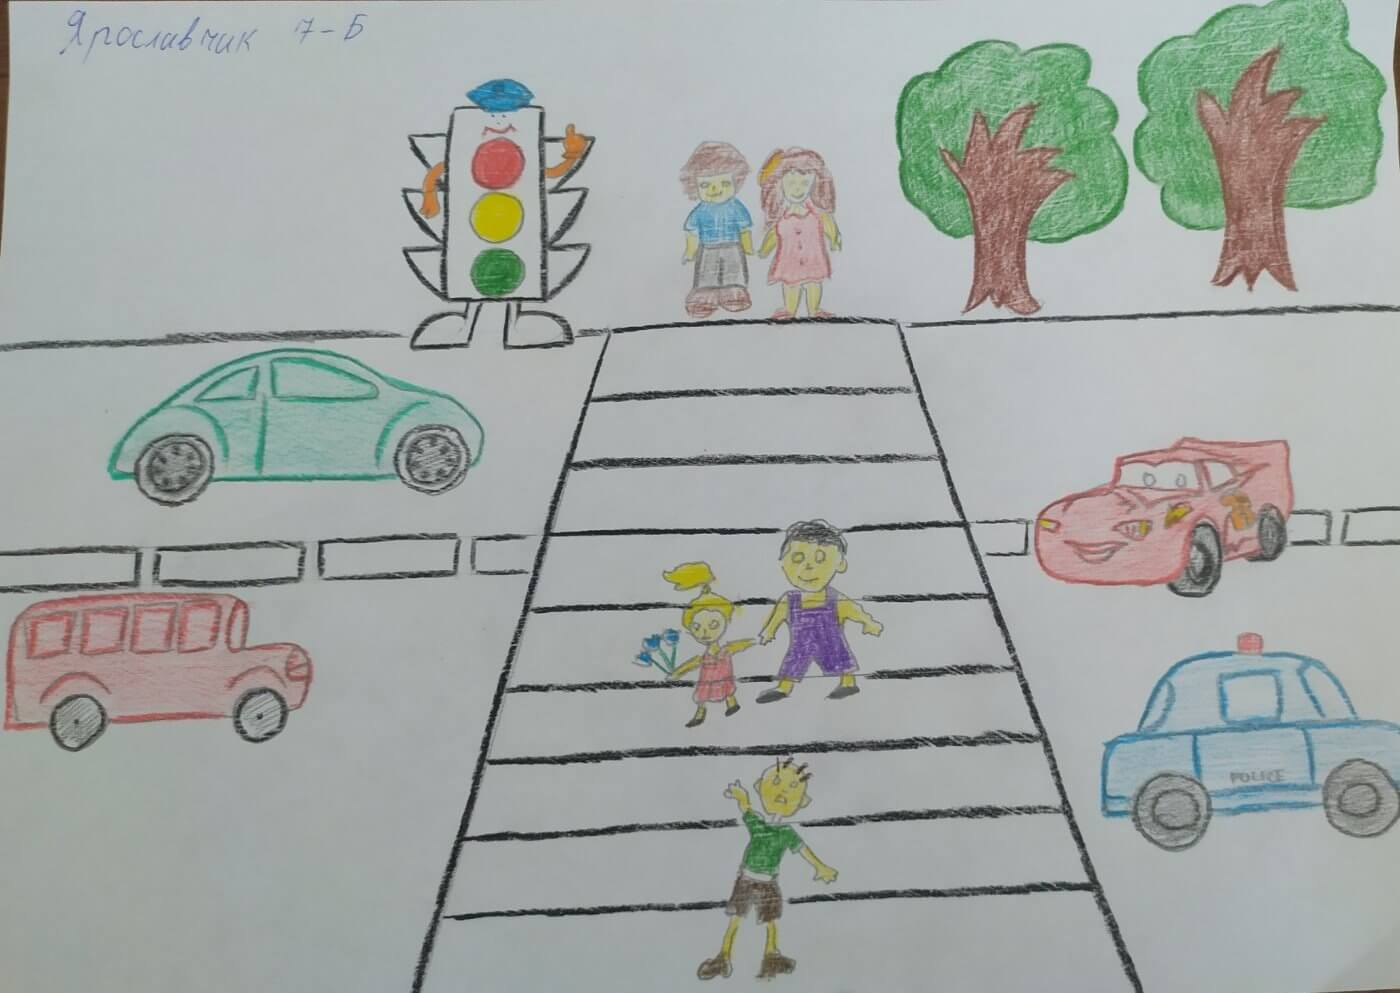 zobrazhennya viber 2020 05 21 07 57 00 - Конкурс малюнків серед учнів 5 - 7 класів з безпеки дорожнього руху